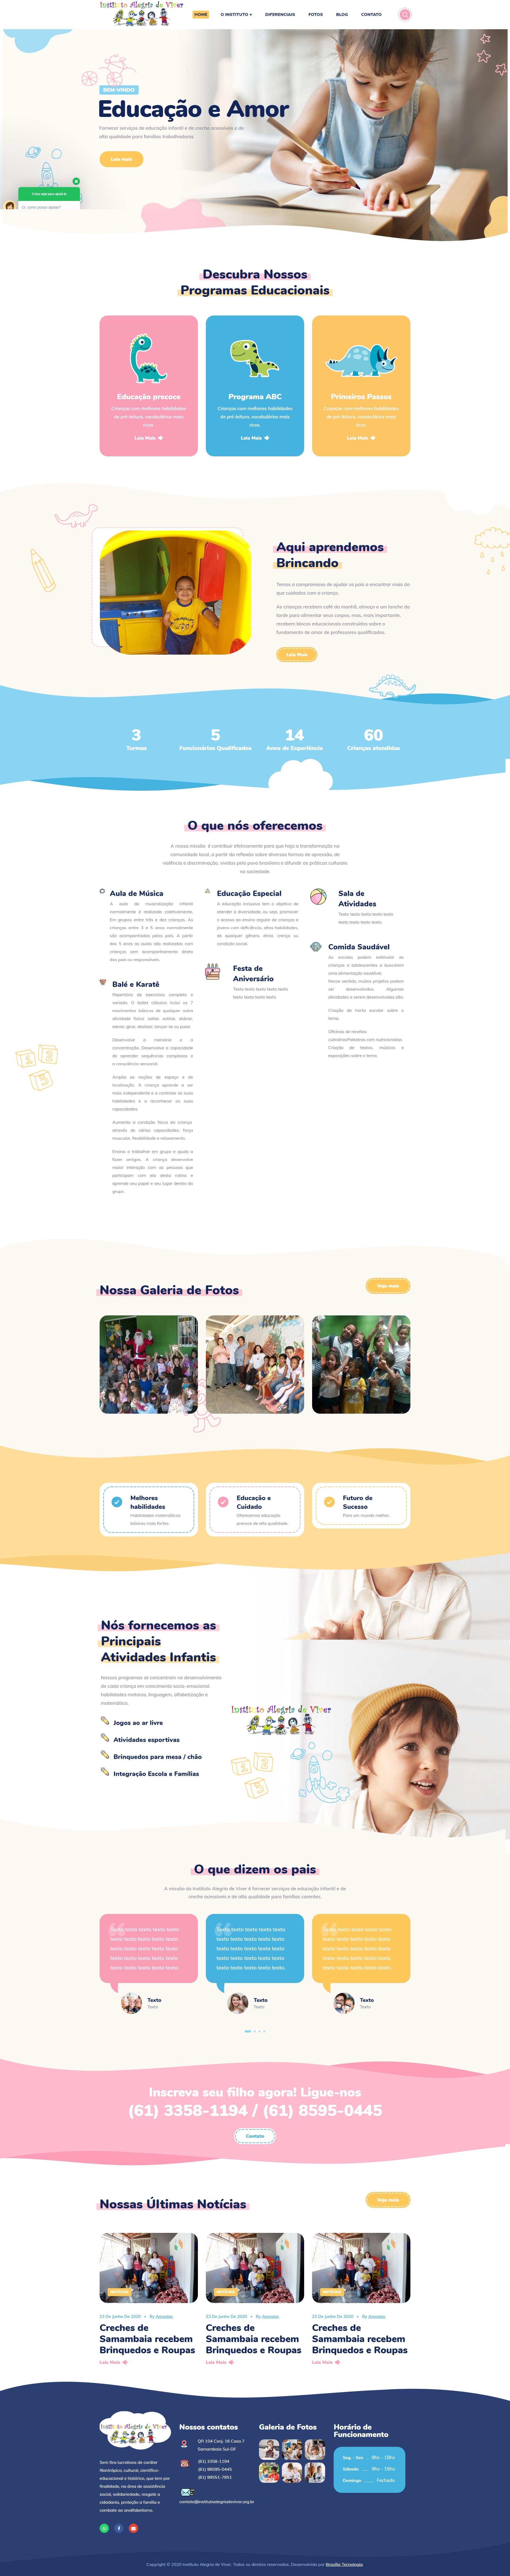 Instituto-Alegria-de-Viver-brasilia-tecnologia-desenvolvimento-site-ead-site-barato